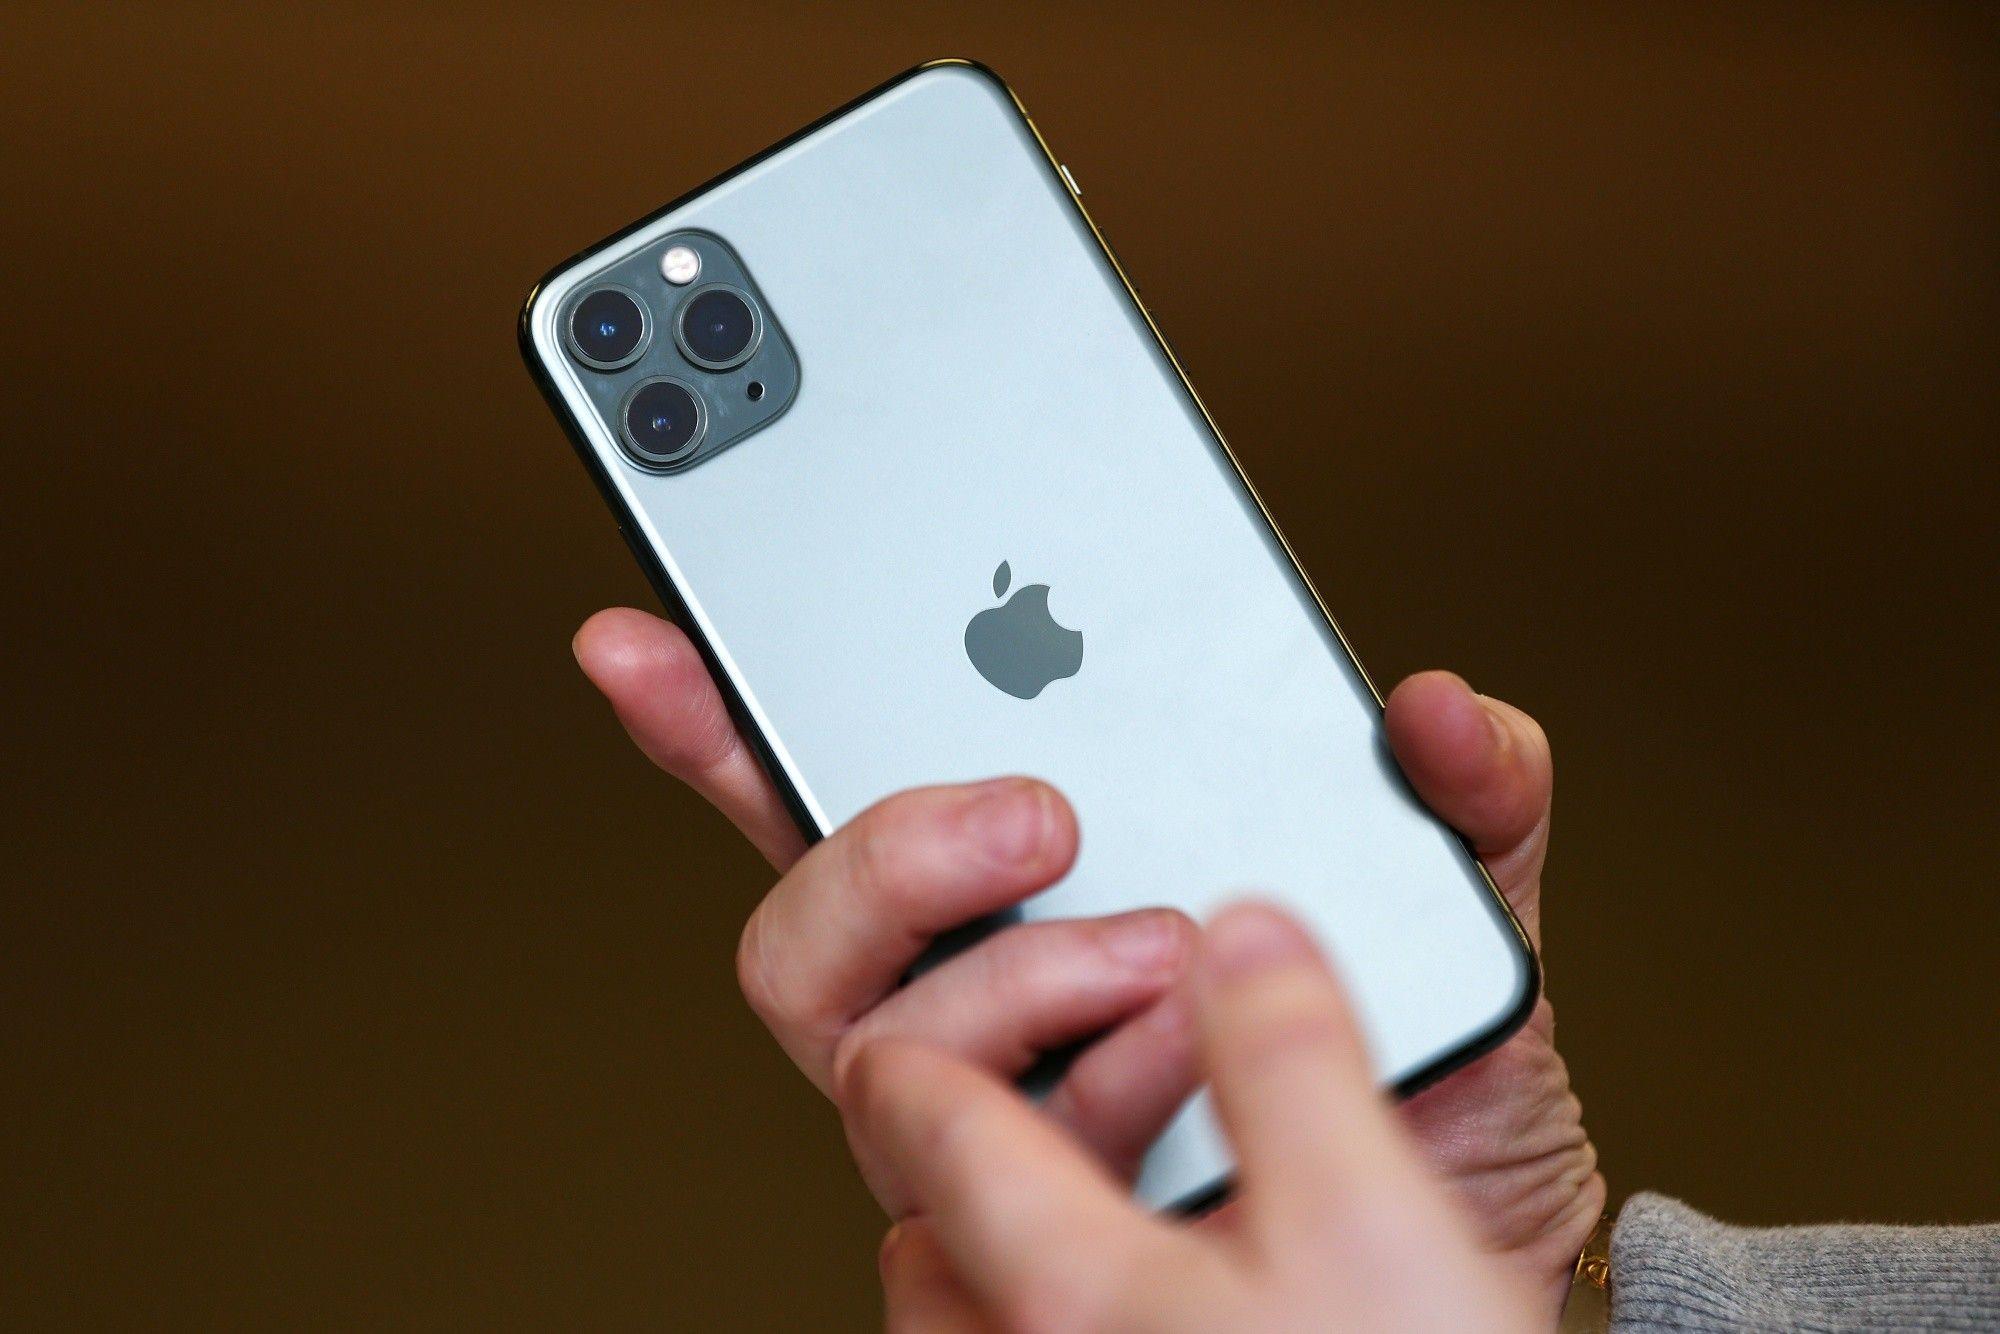 Apple eleva hasta un 10% producción de iPhone 11, según Nikkei